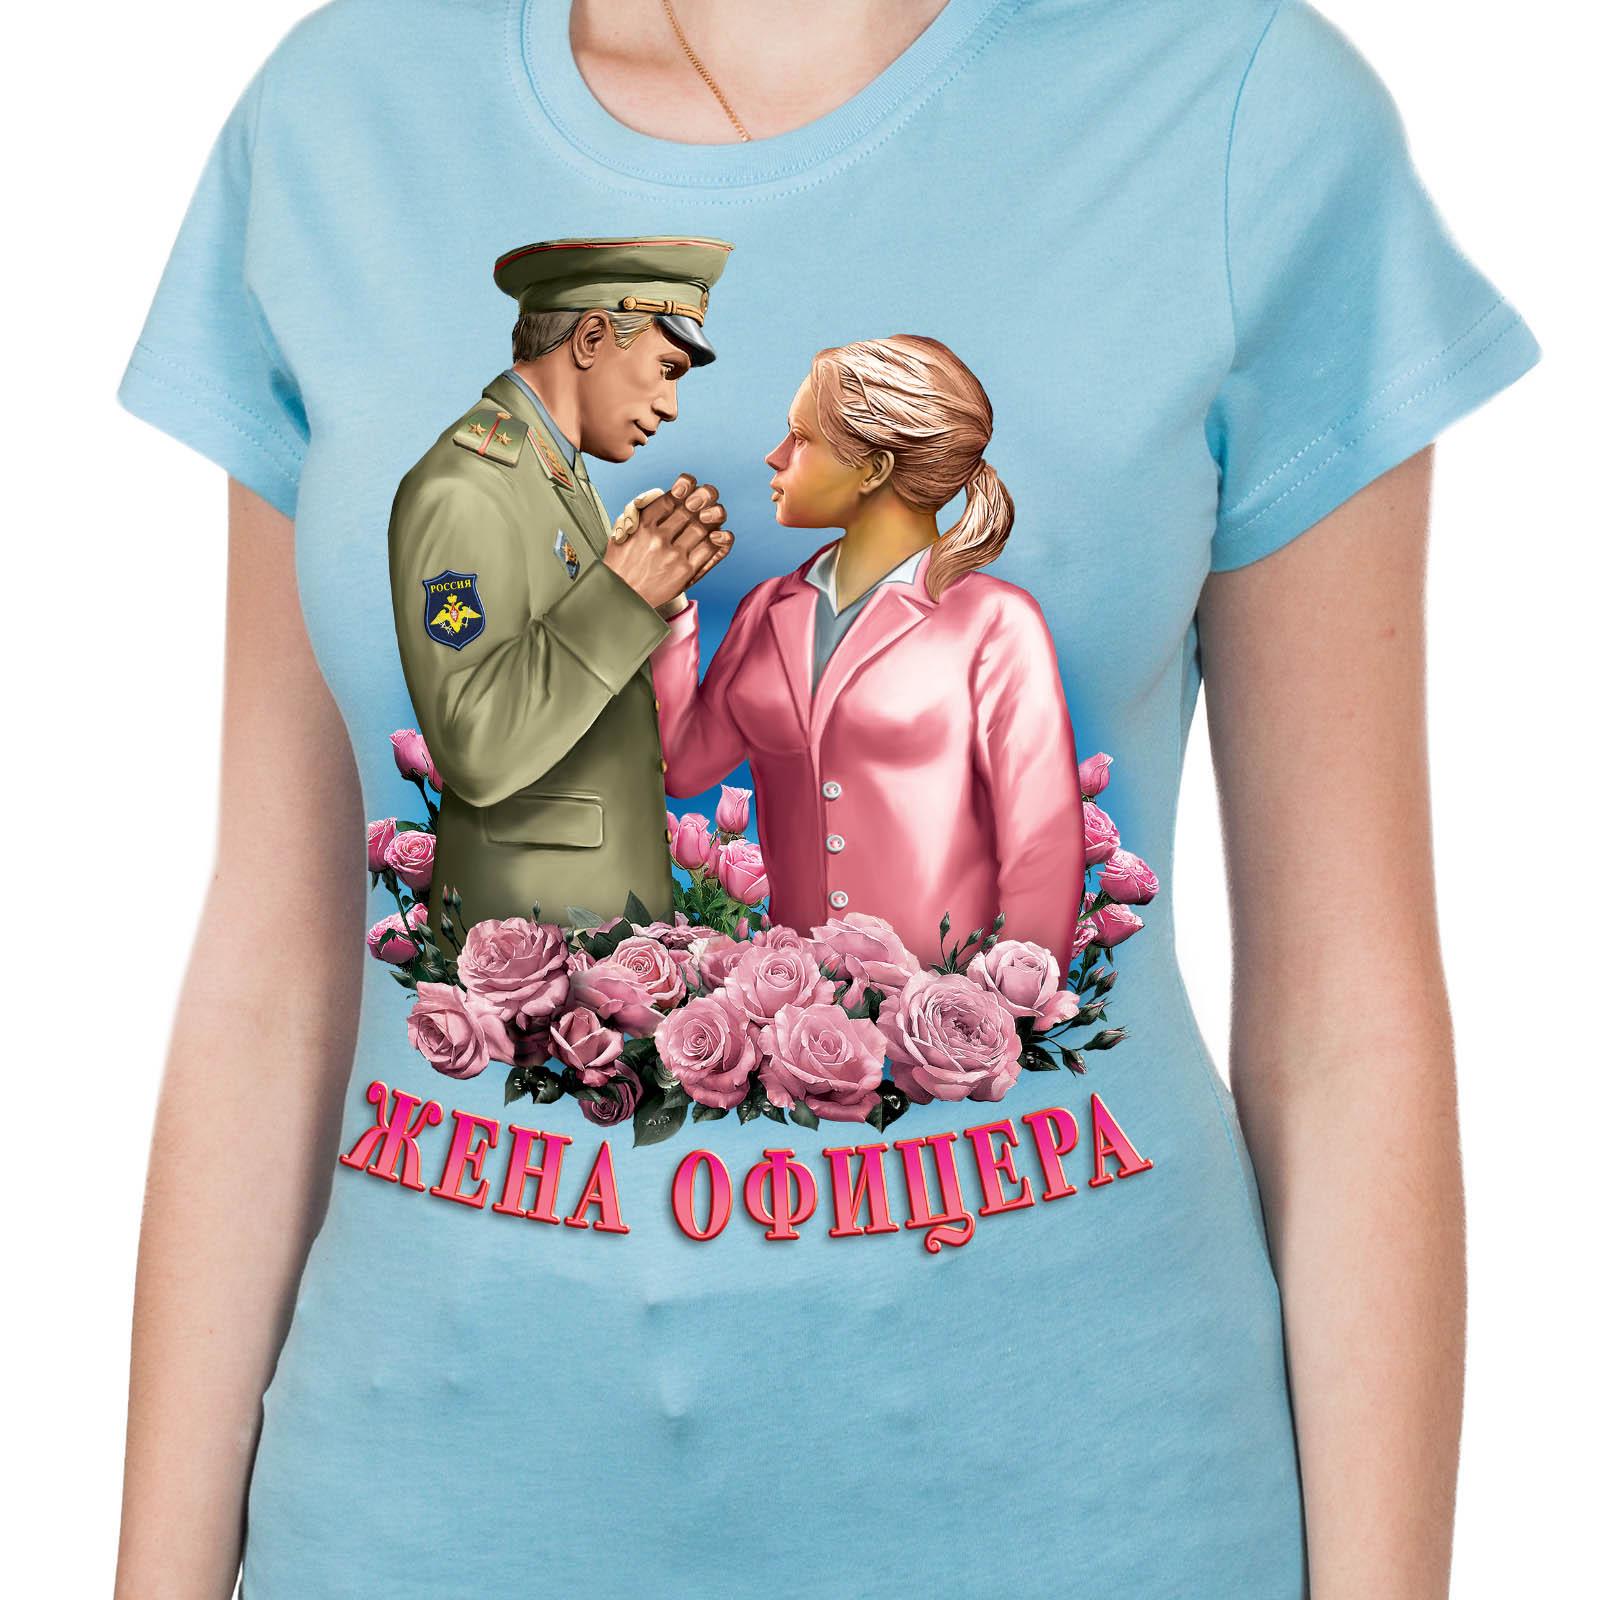 """Хлопковая футболка с ярким принтом """"Жена офицера"""""""